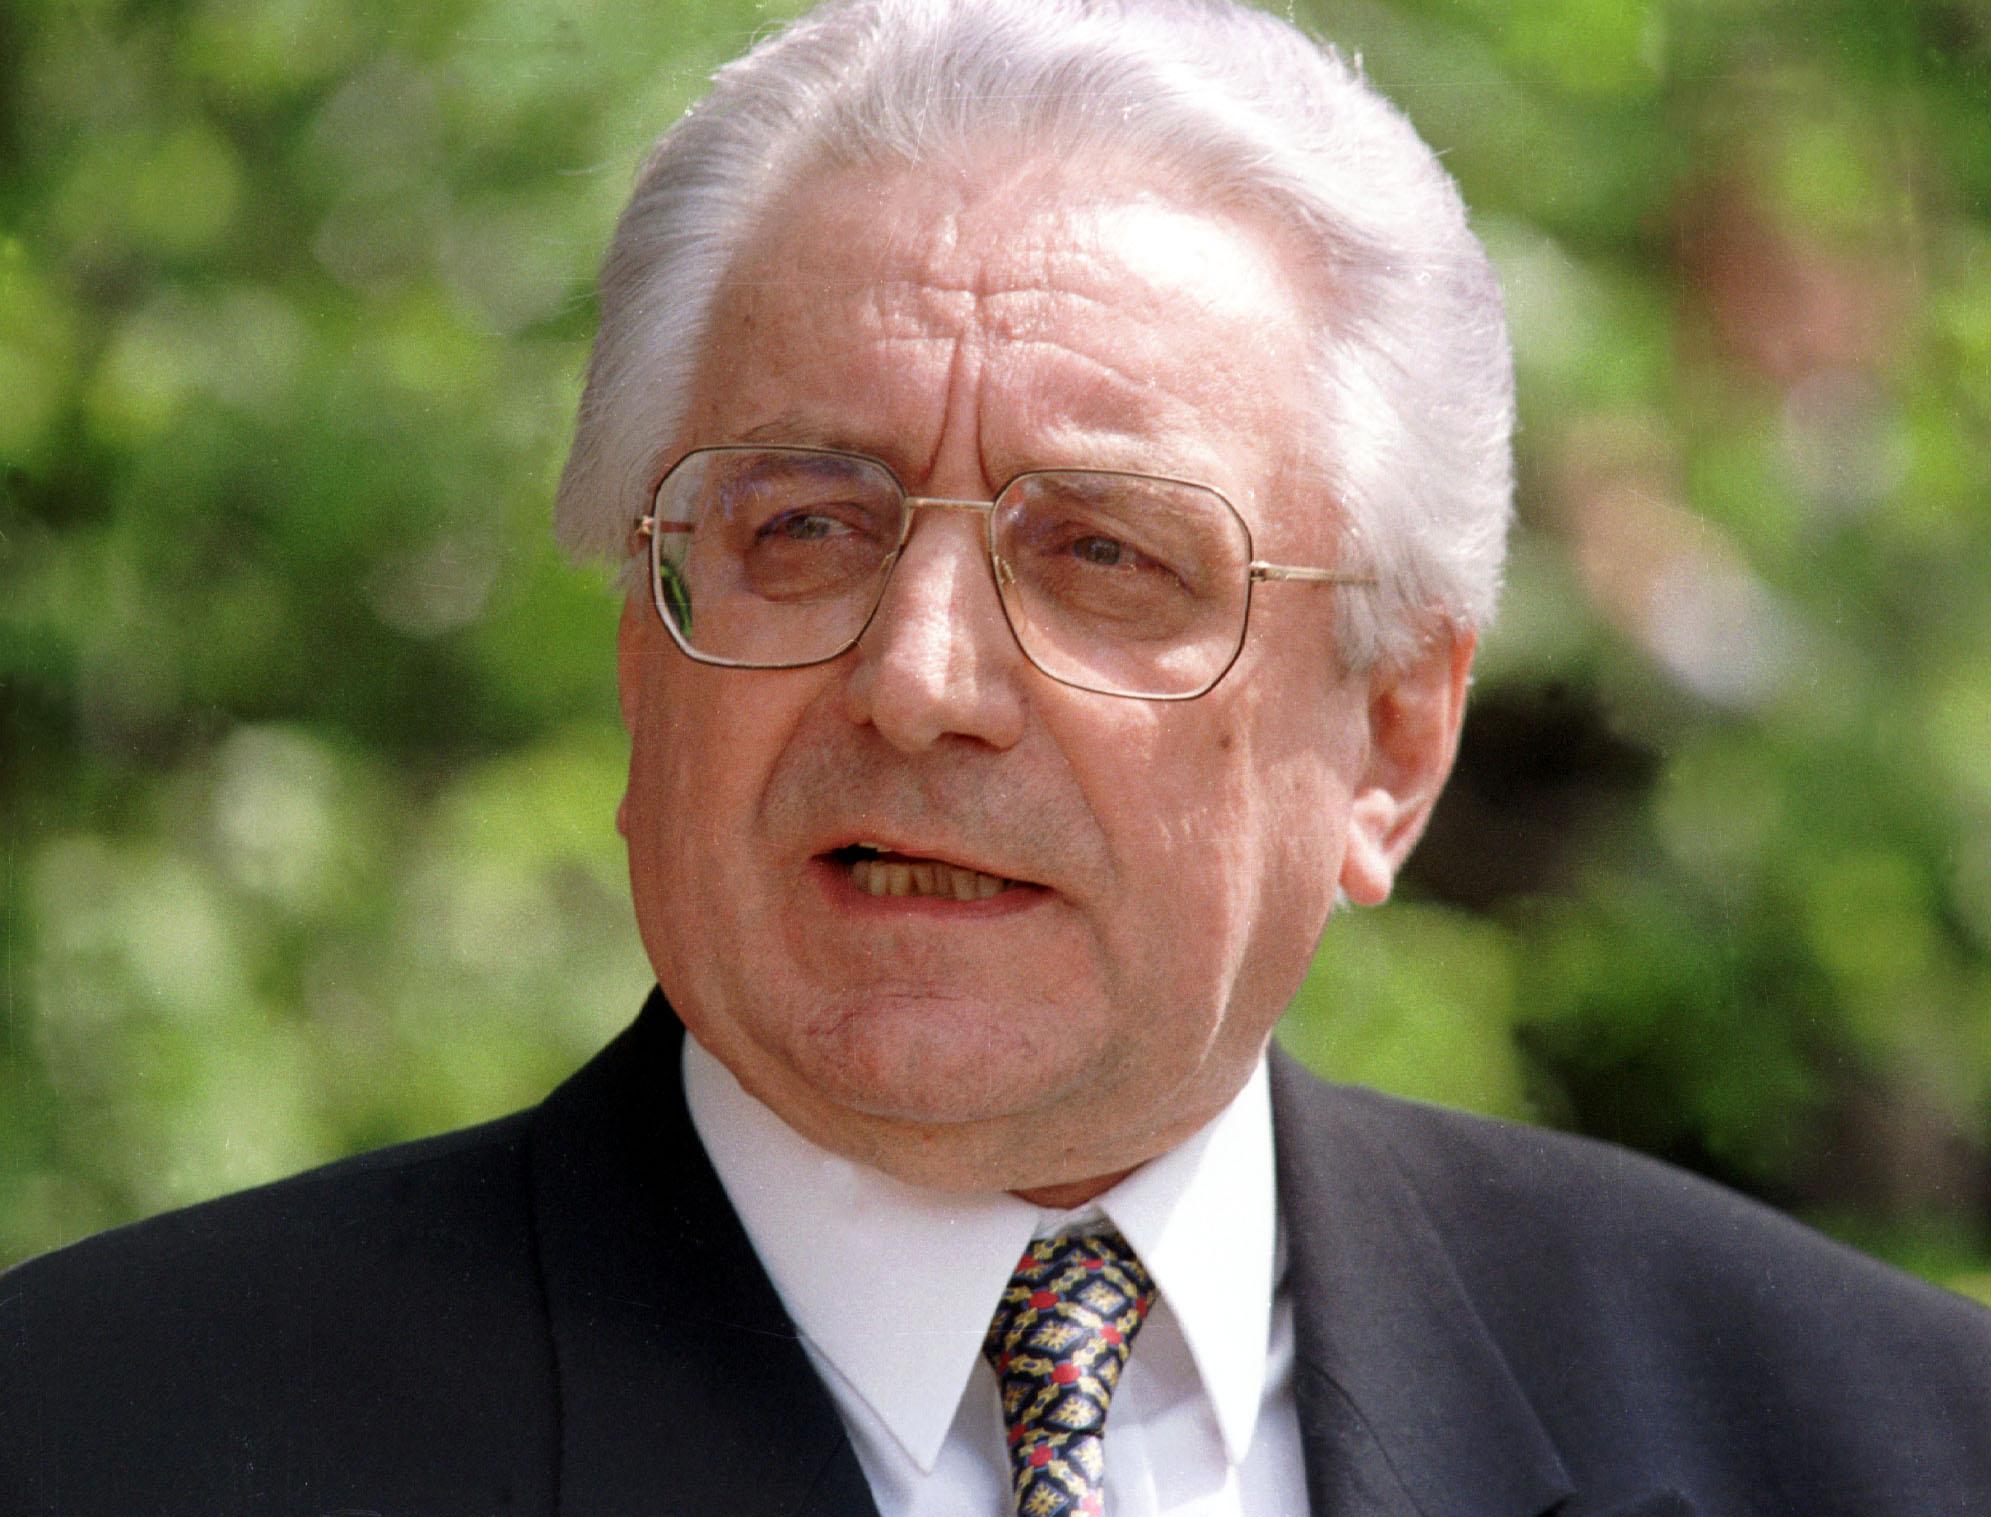 Pokojni dolgoletni hrvaški predsednik in osamosvojitelj Franjo Tuđman. (Foto: STA)